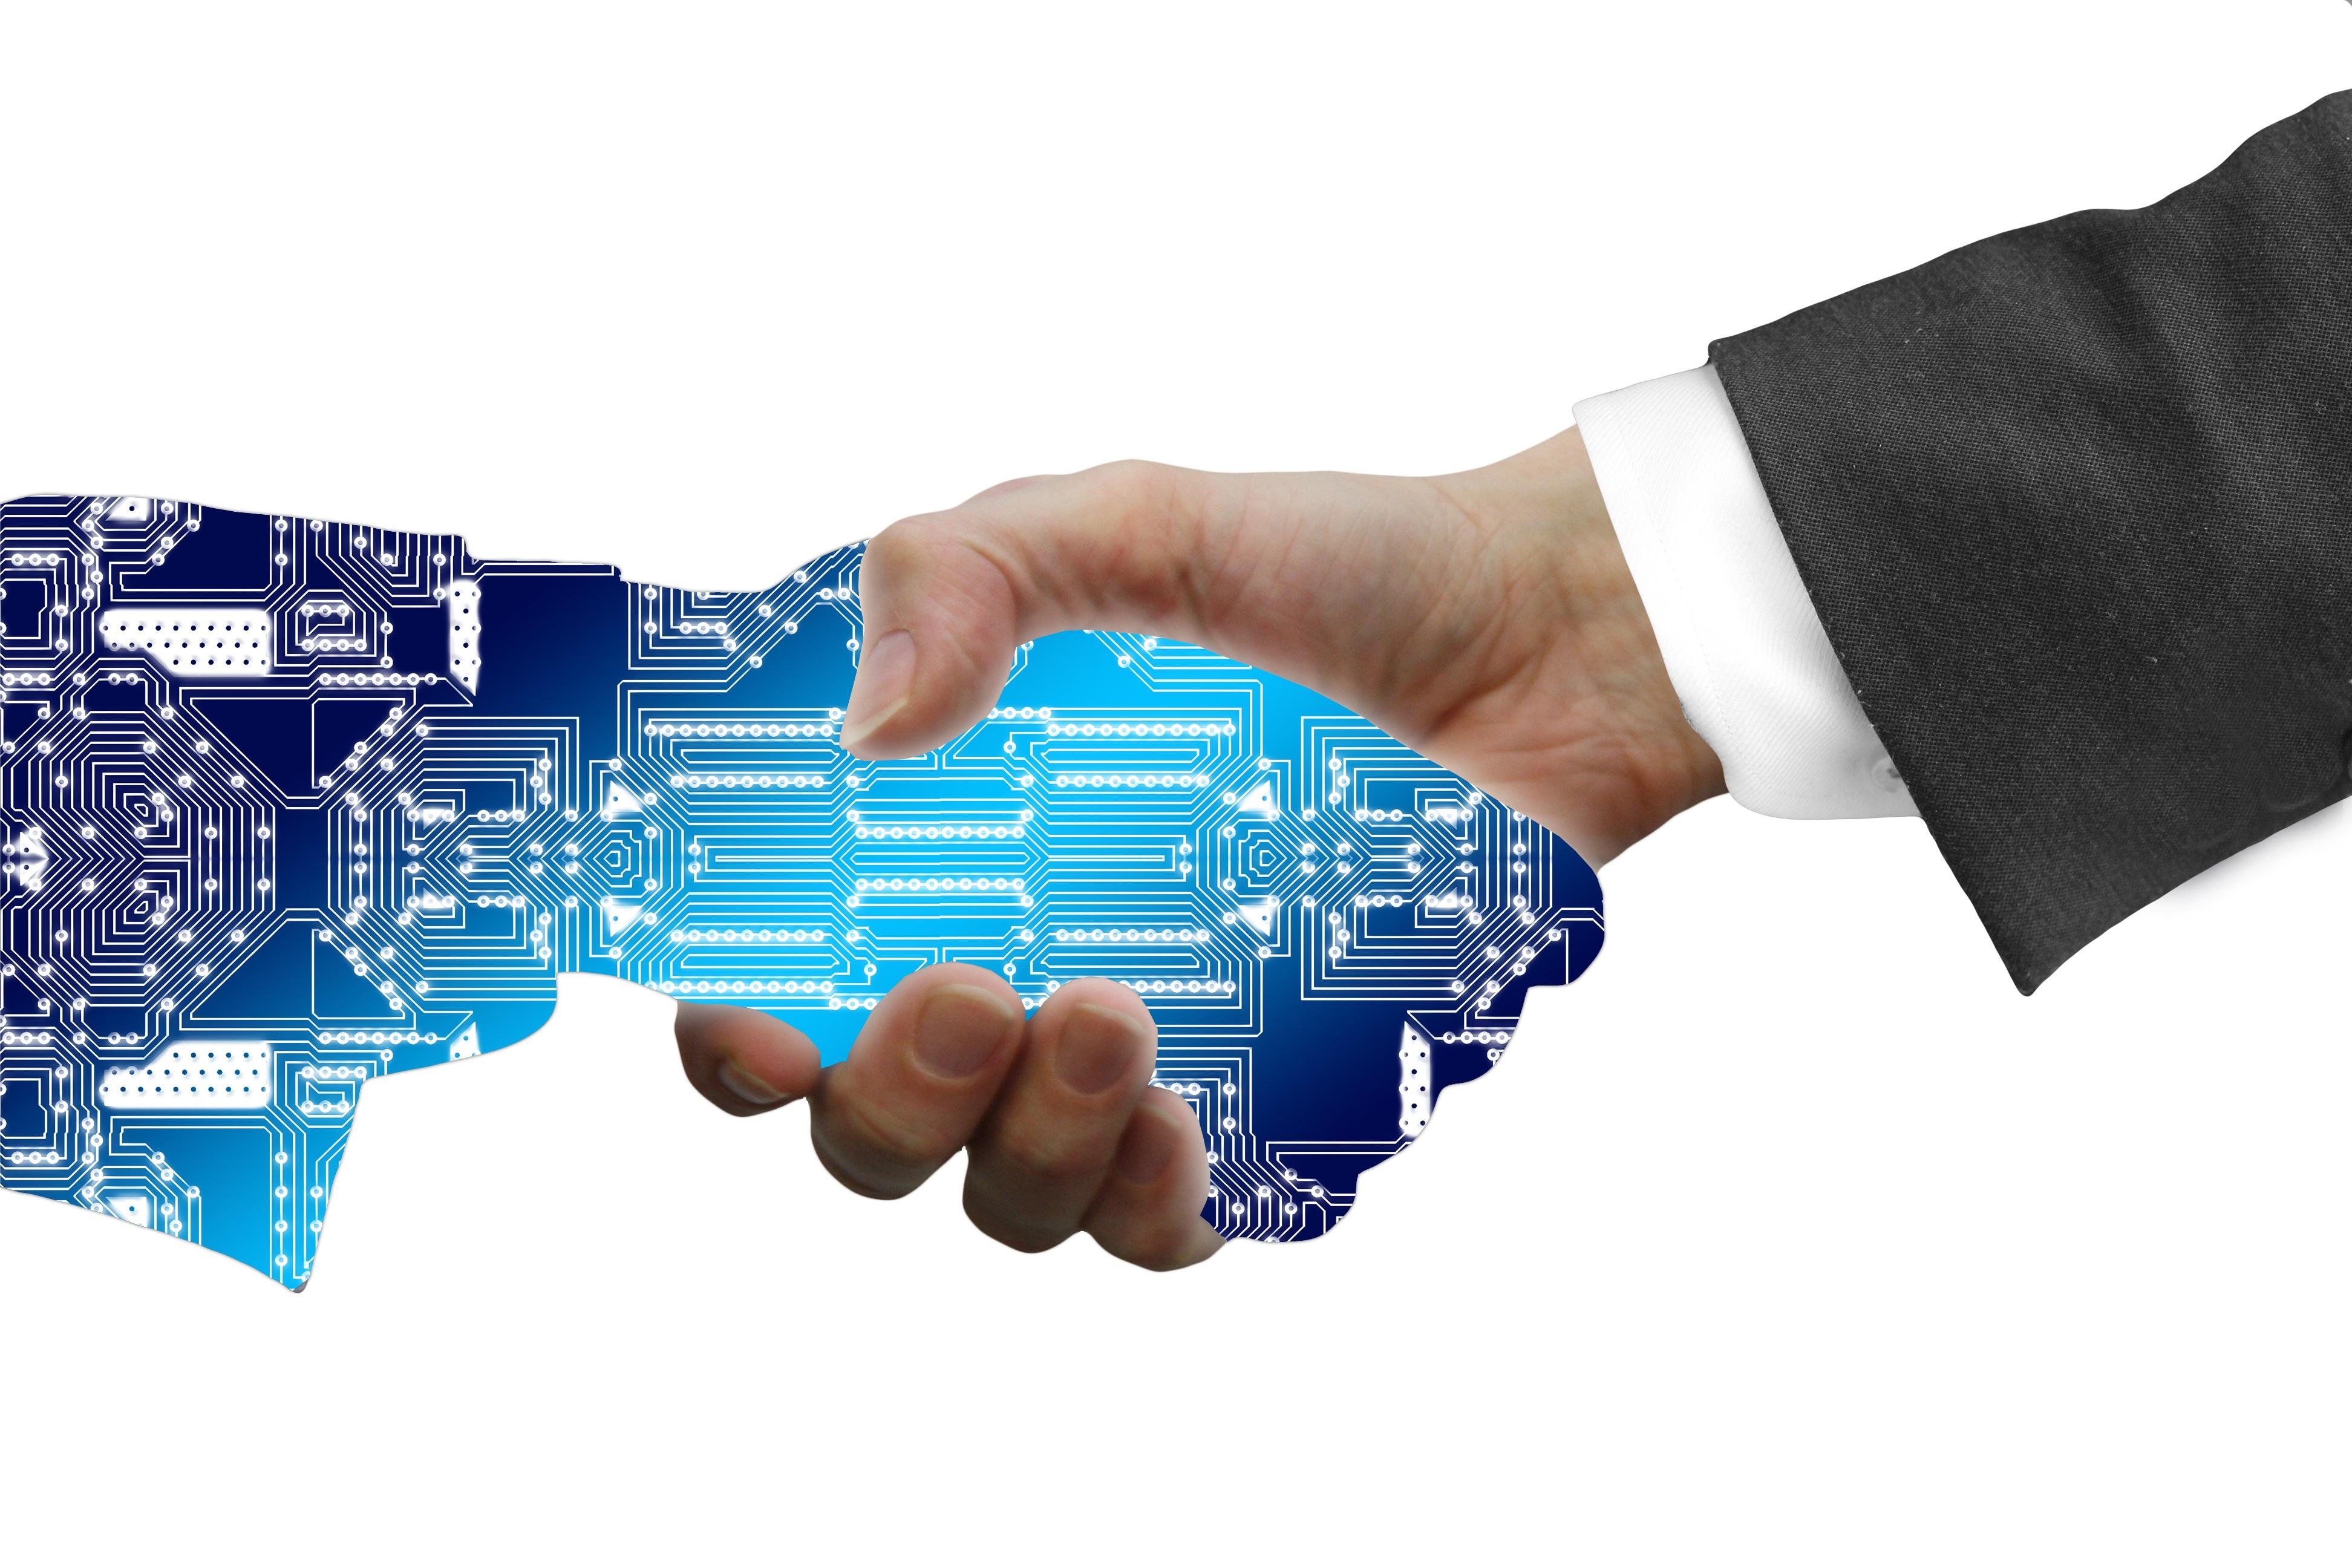 A tecnologia está cada vez mais democrática e sofisticada. Veja aqui 7 razões para apostar na consultoria em Monitoramento de TI.